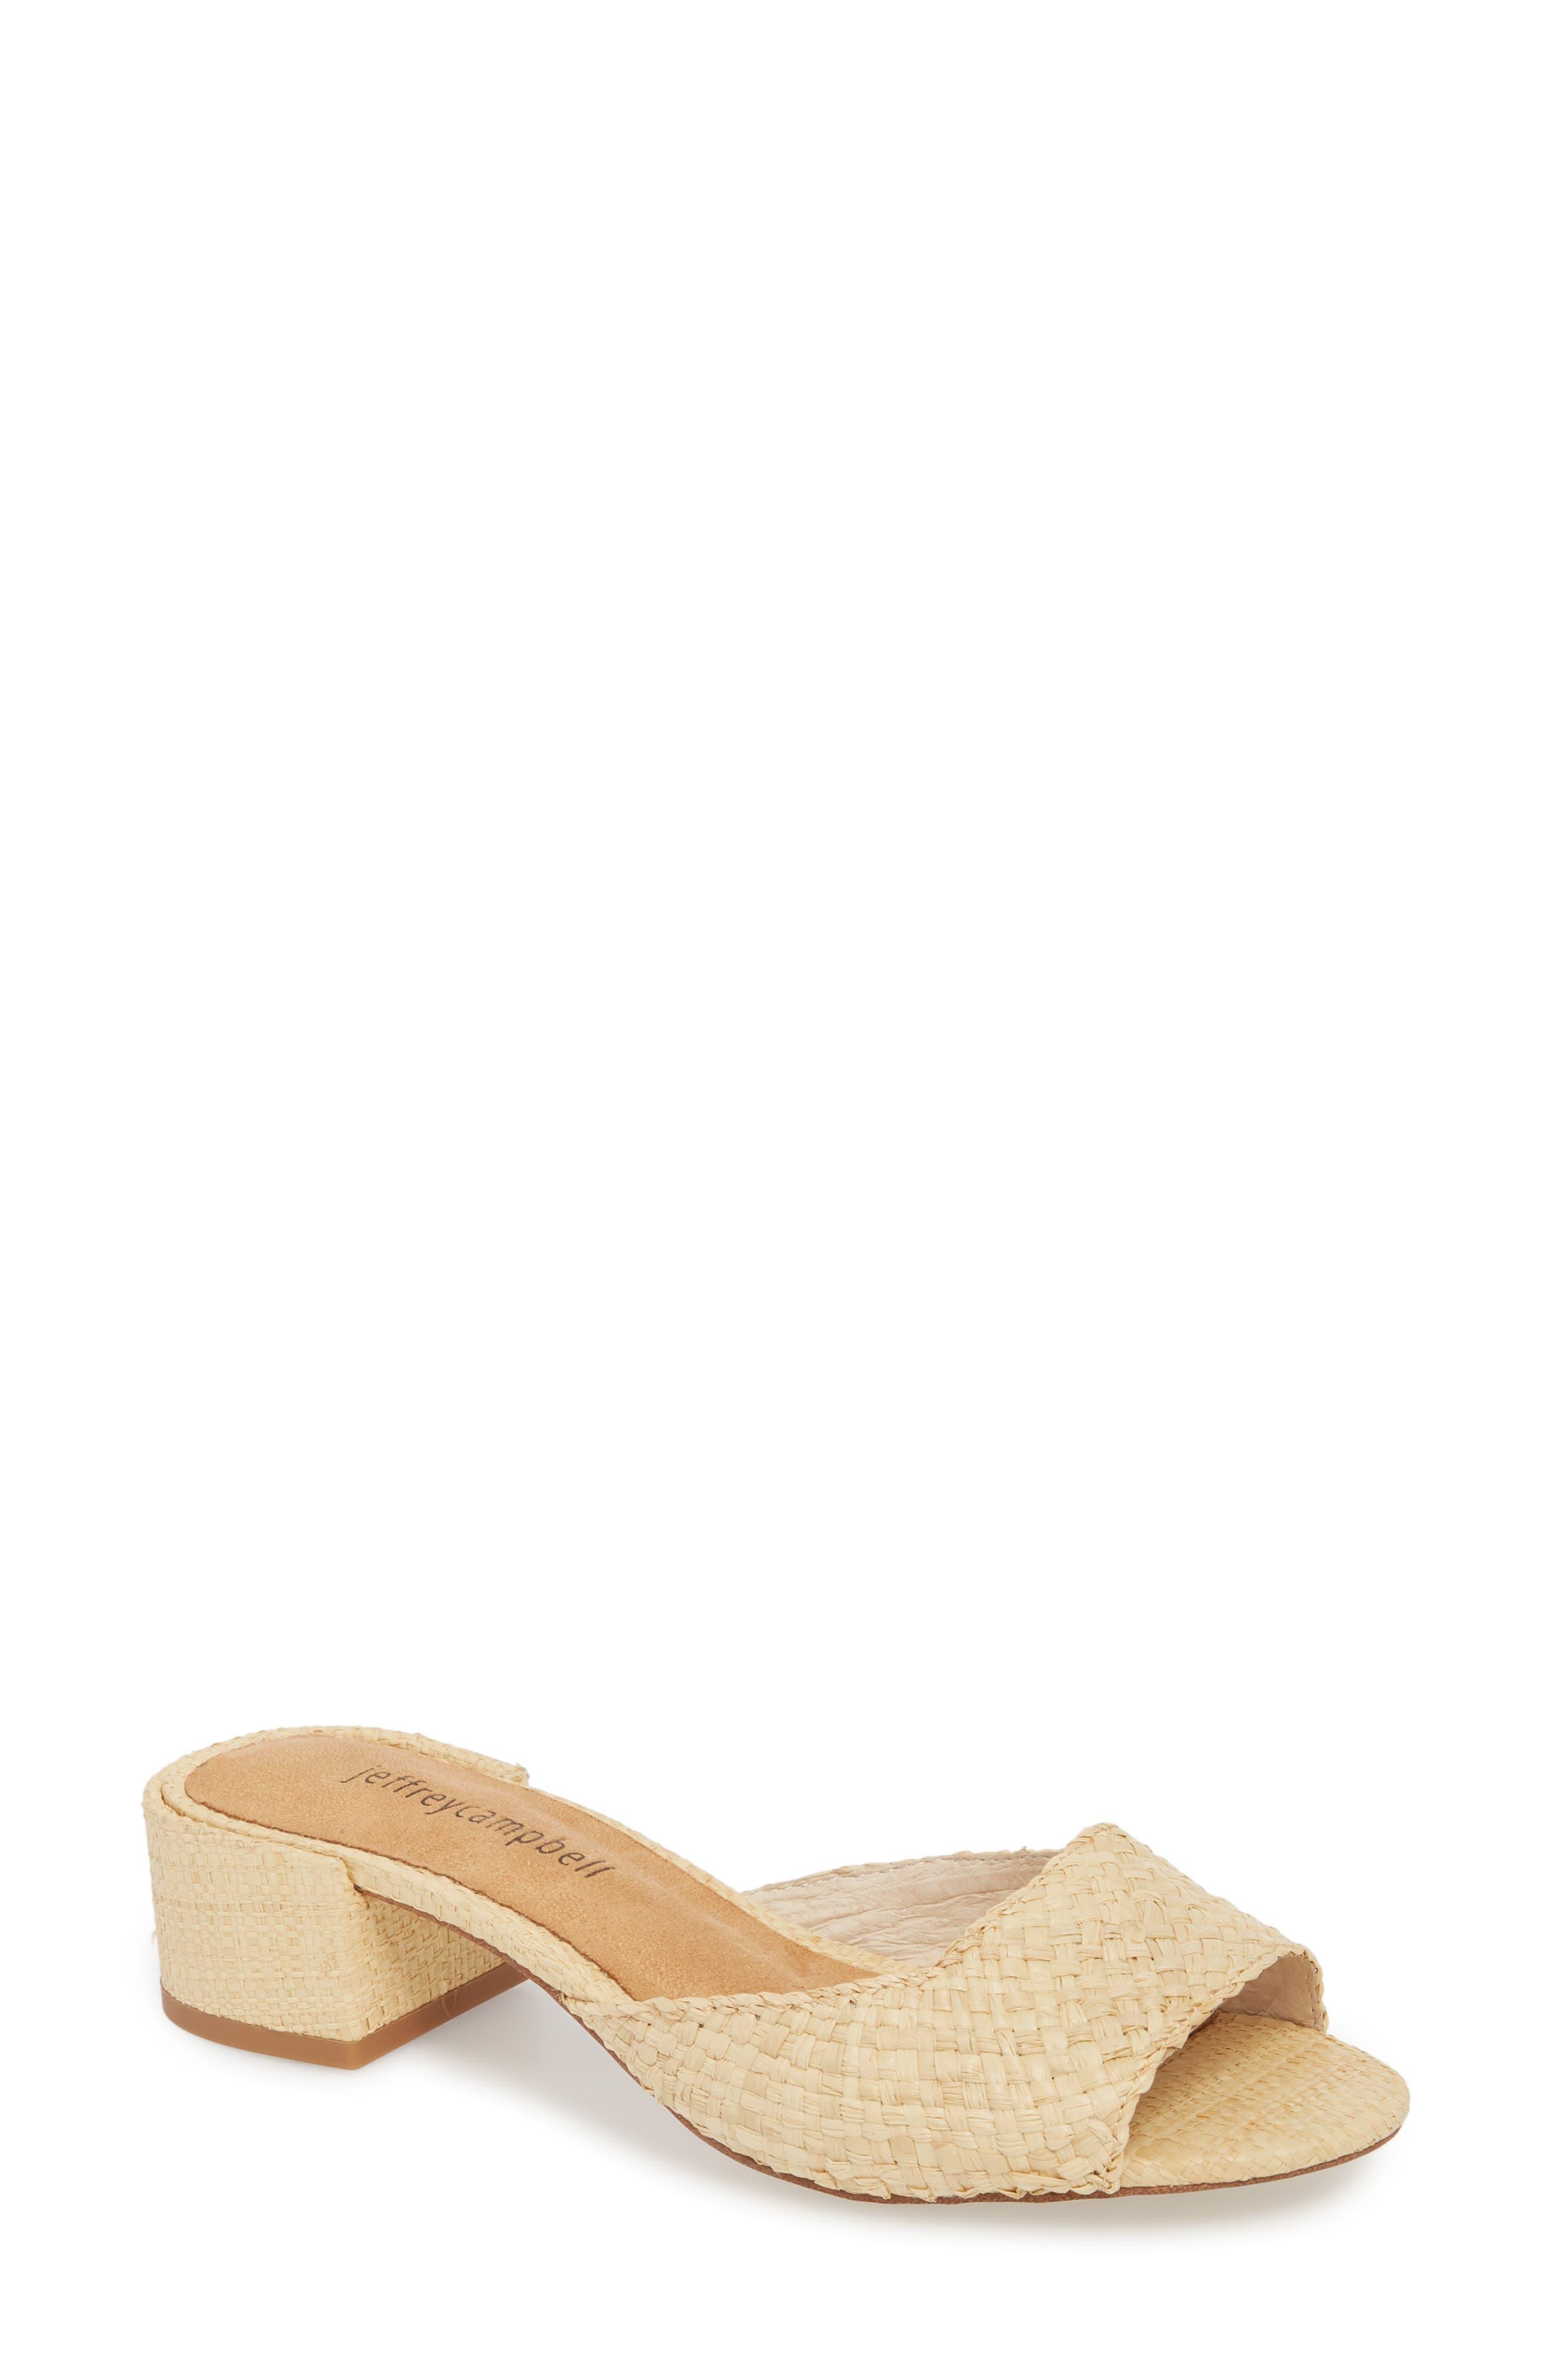 Mélange Slide Sandal,                         Main,                         color, 250